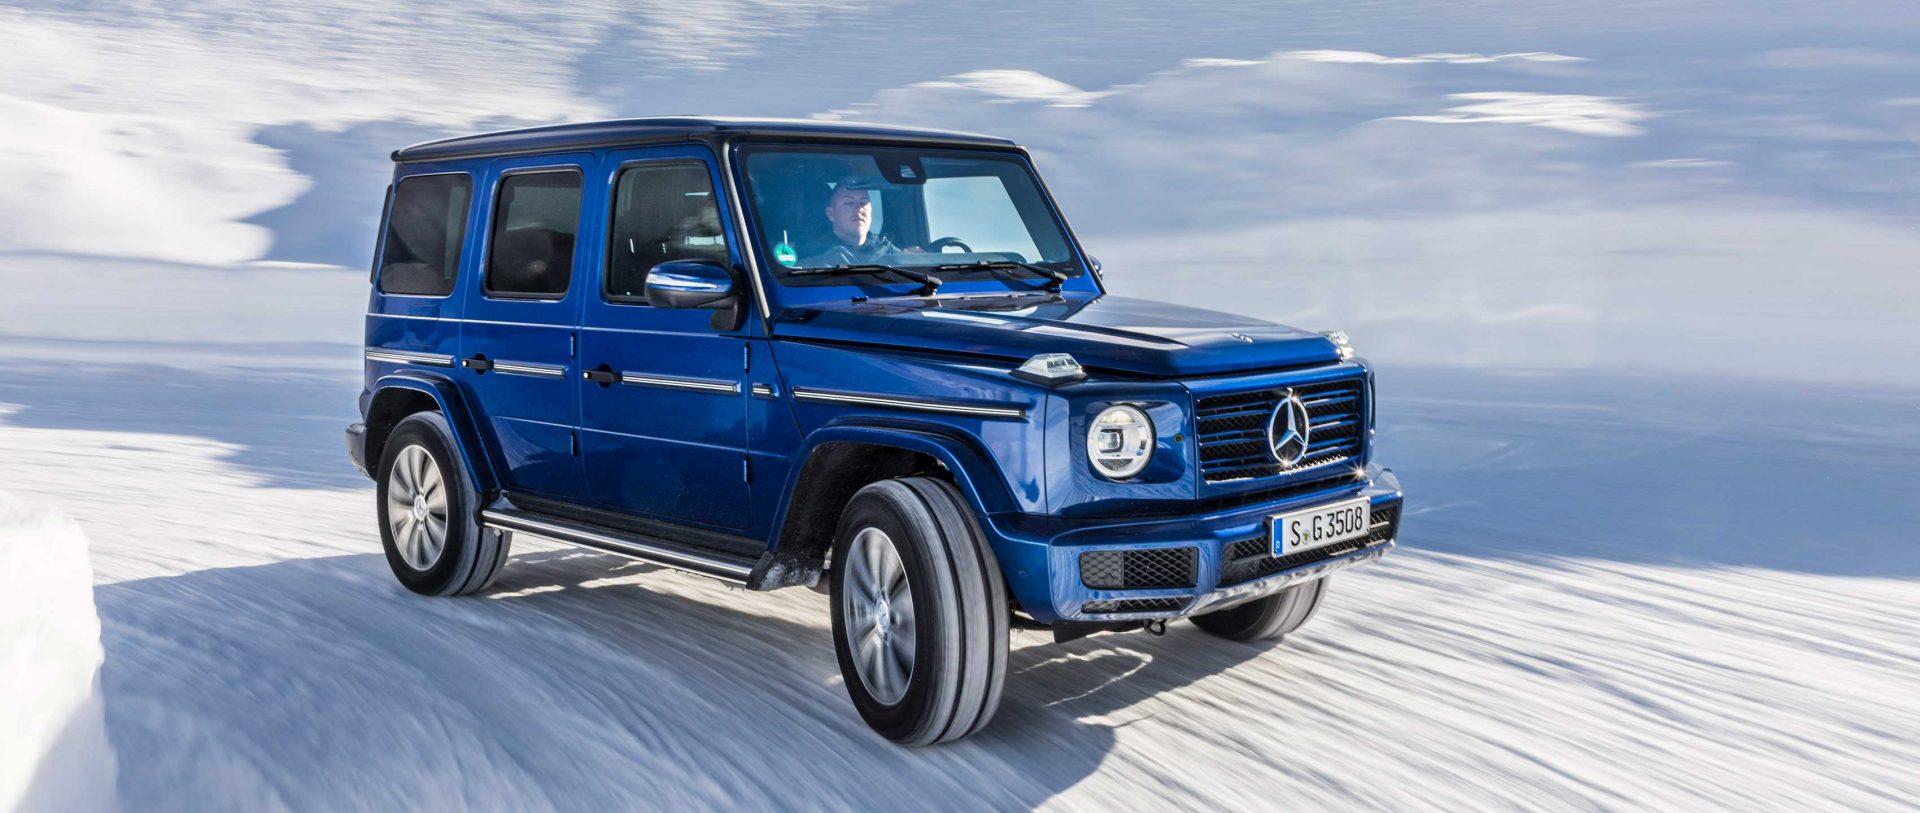 Mercedes G 350 Fotoğrafı Mavi